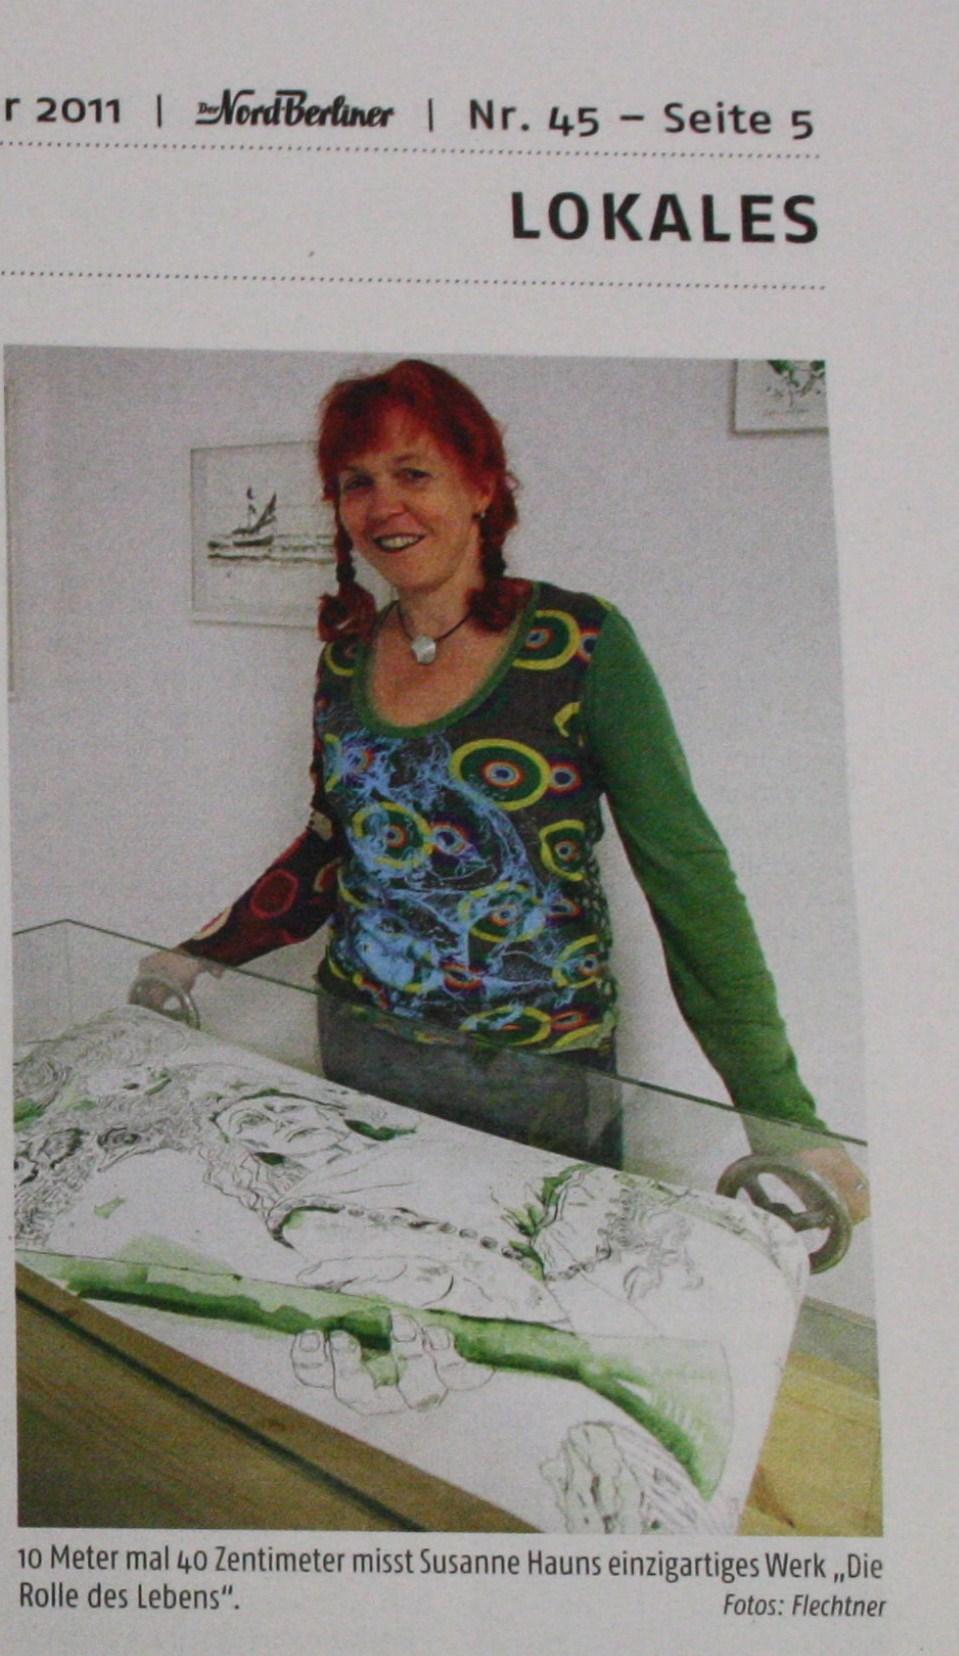 Foto Susanne Haun 2011 11 10 Nordberliner von Frau Flechtner